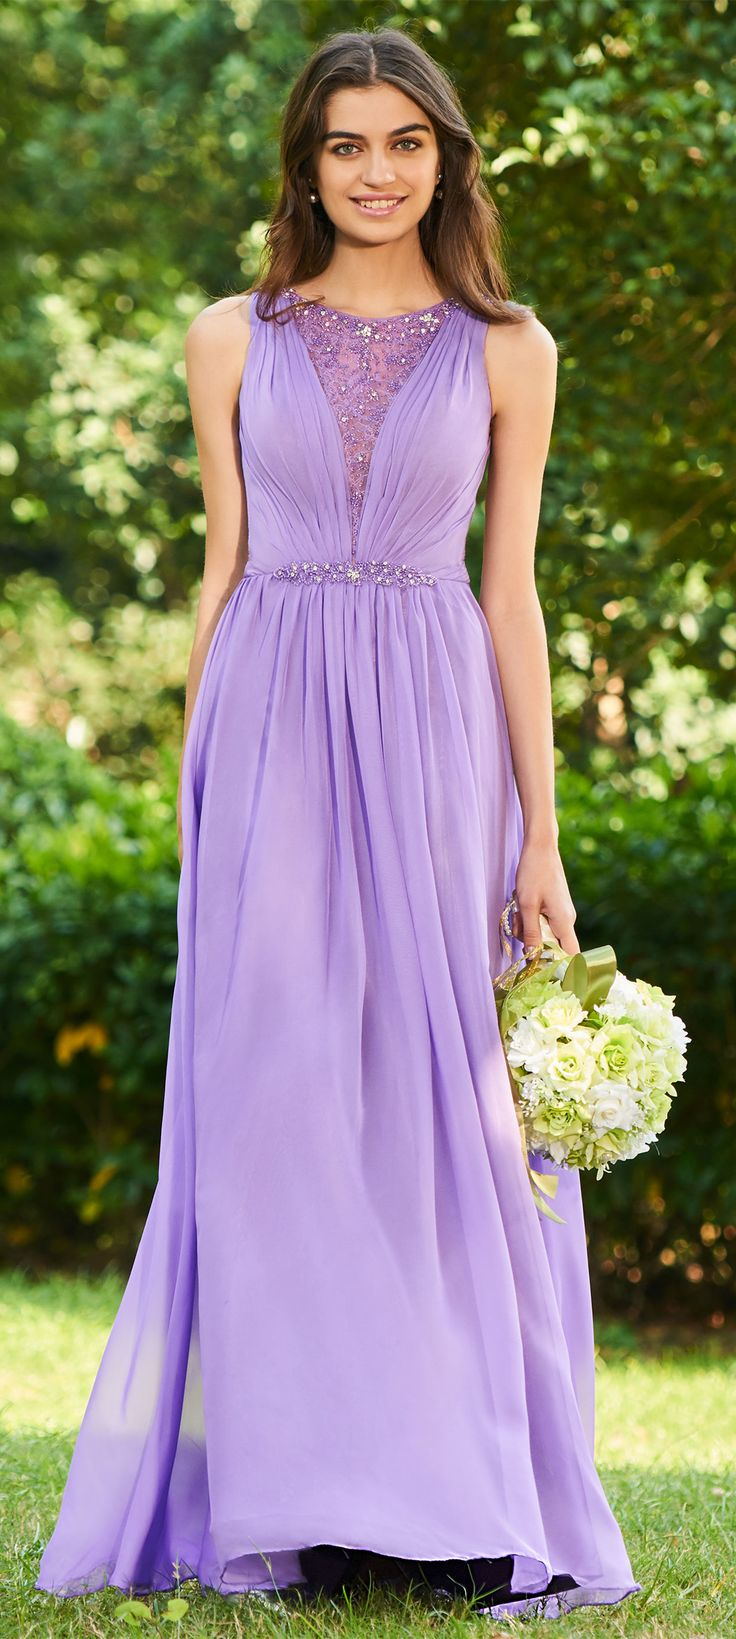 12 best Vestidos de color lavanda images on Pinterest | Lavender ...